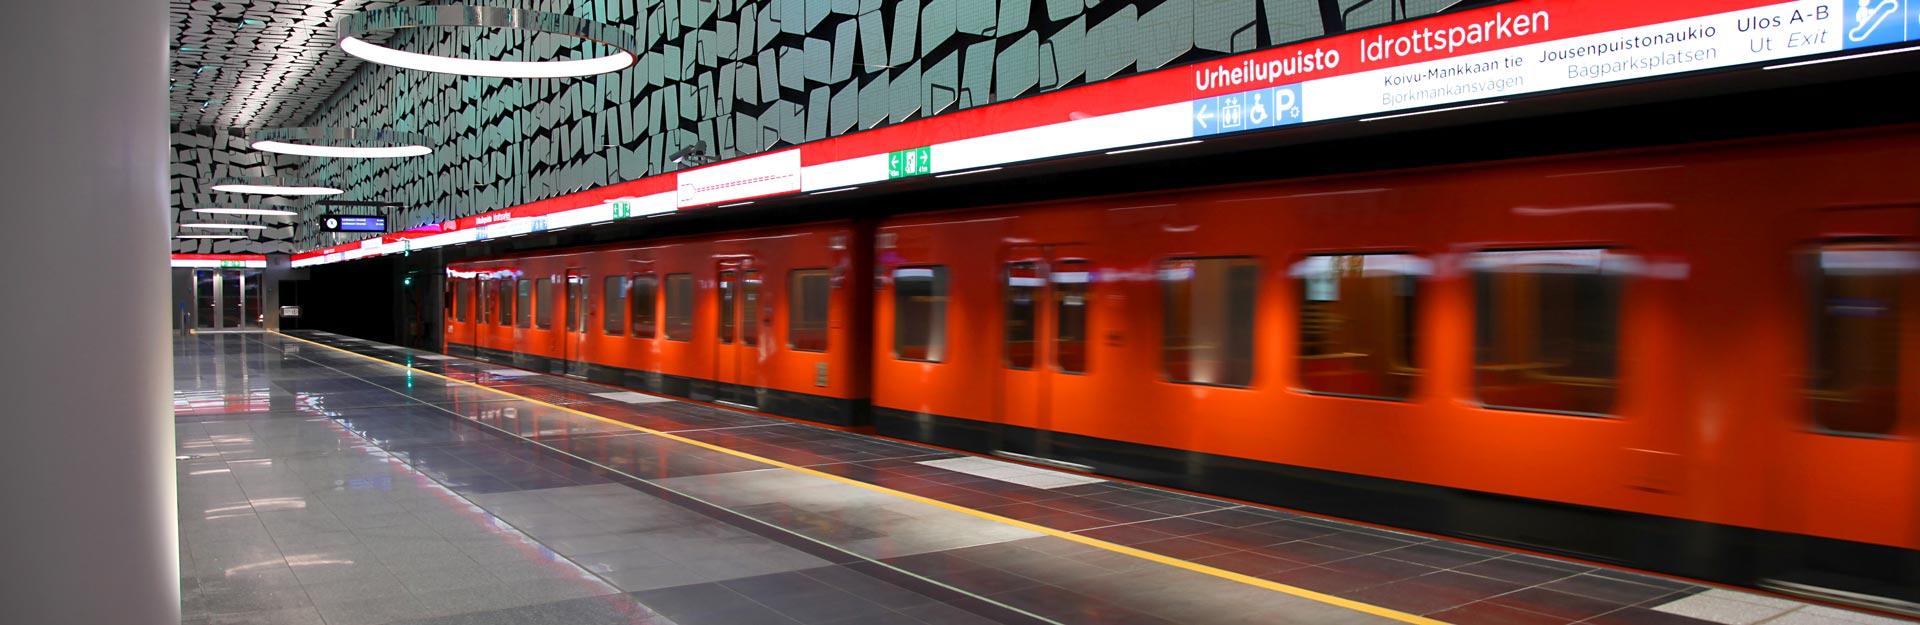 Metro urheilupuiston metroasemalla.